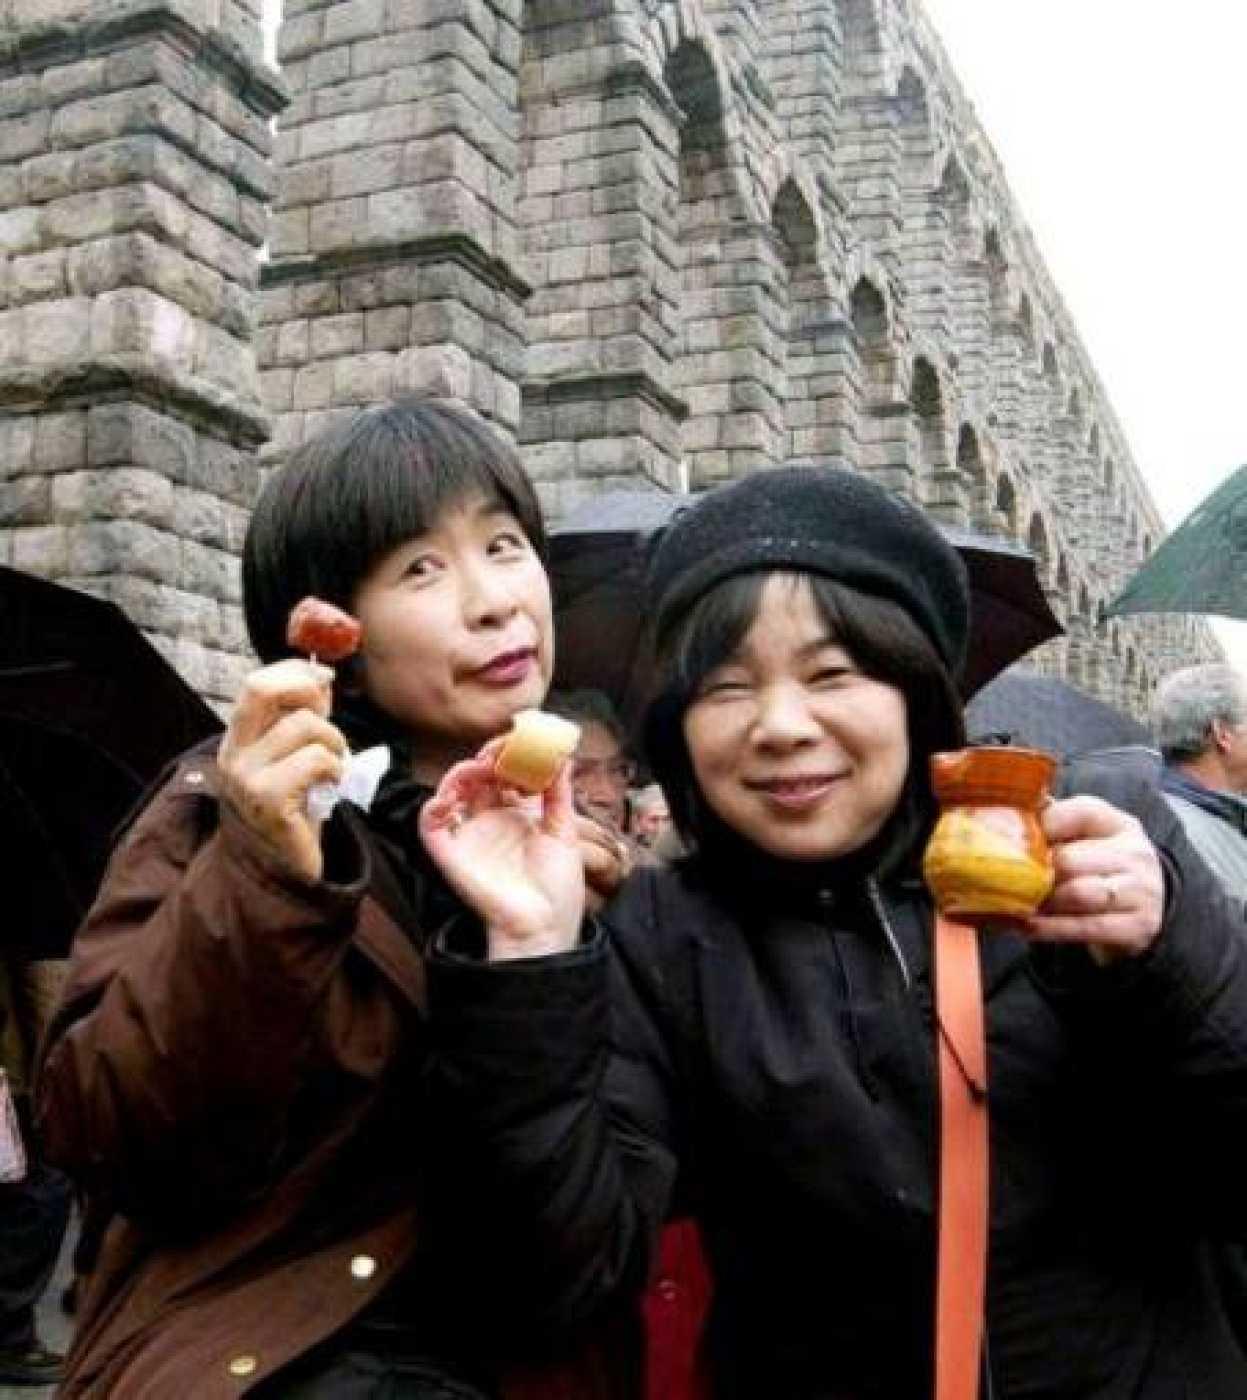 Dos turistas japonesas junto al Acueducto de Segovia